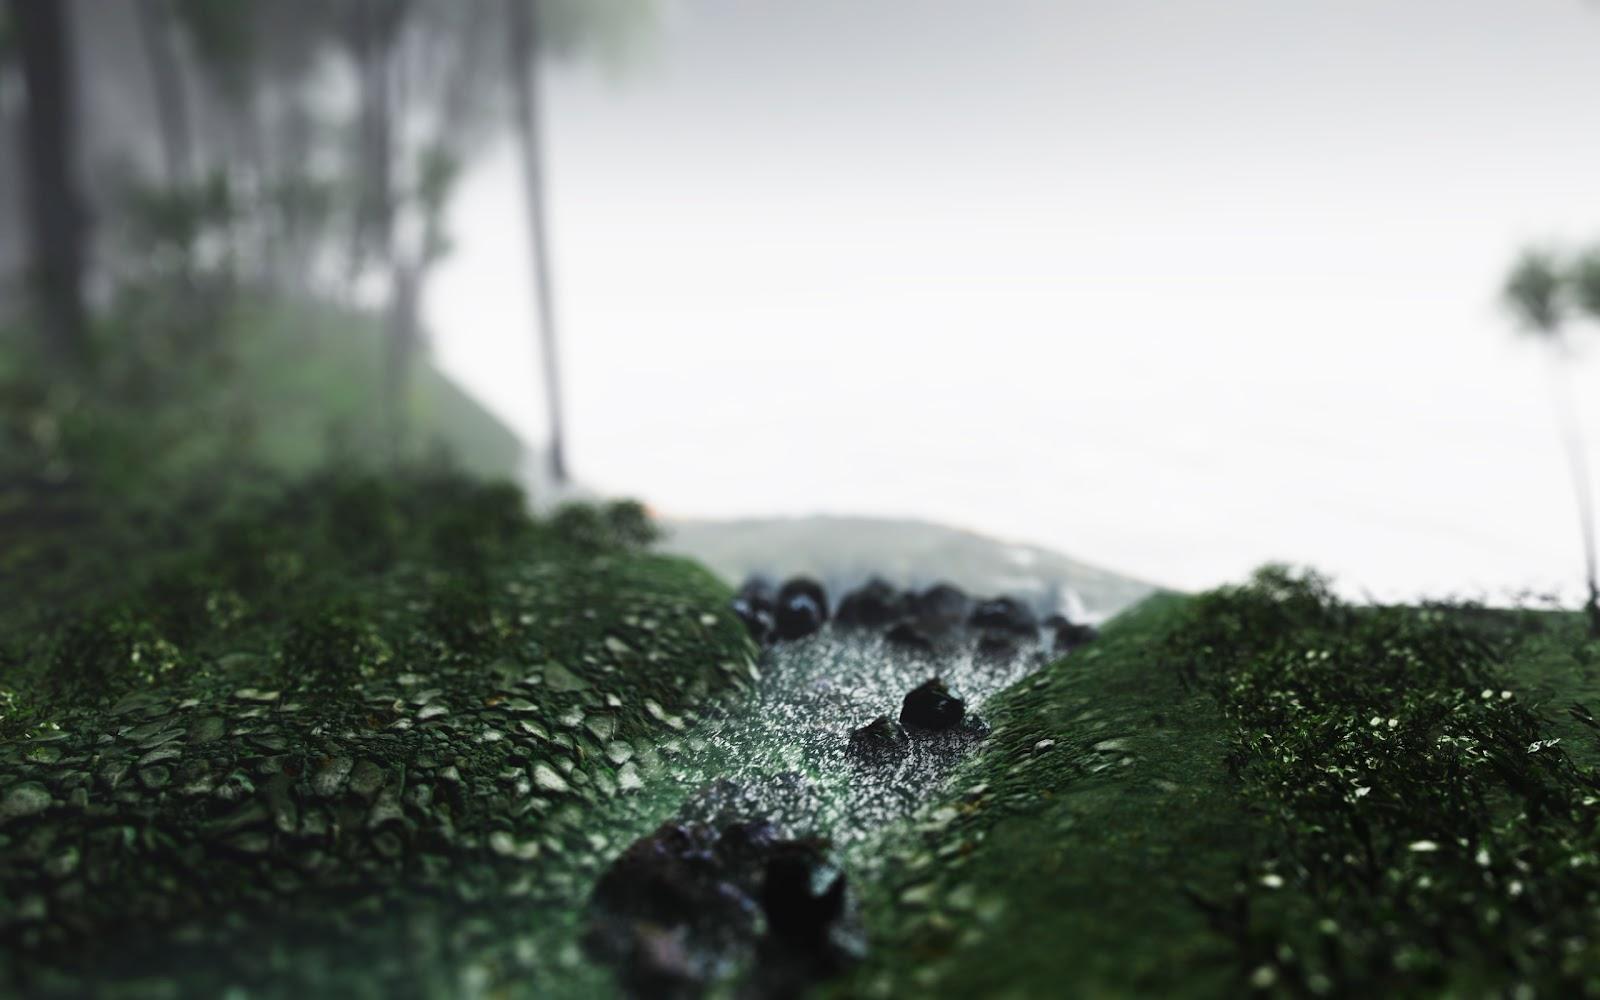 http://3.bp.blogspot.com/-wKWwCE3OKF4/UCj6096ZsqI/AAAAAAAAHRw/yS-ArZ6l98I/s1600/Amazing+Natural+wallpapers+%283%29.jpg